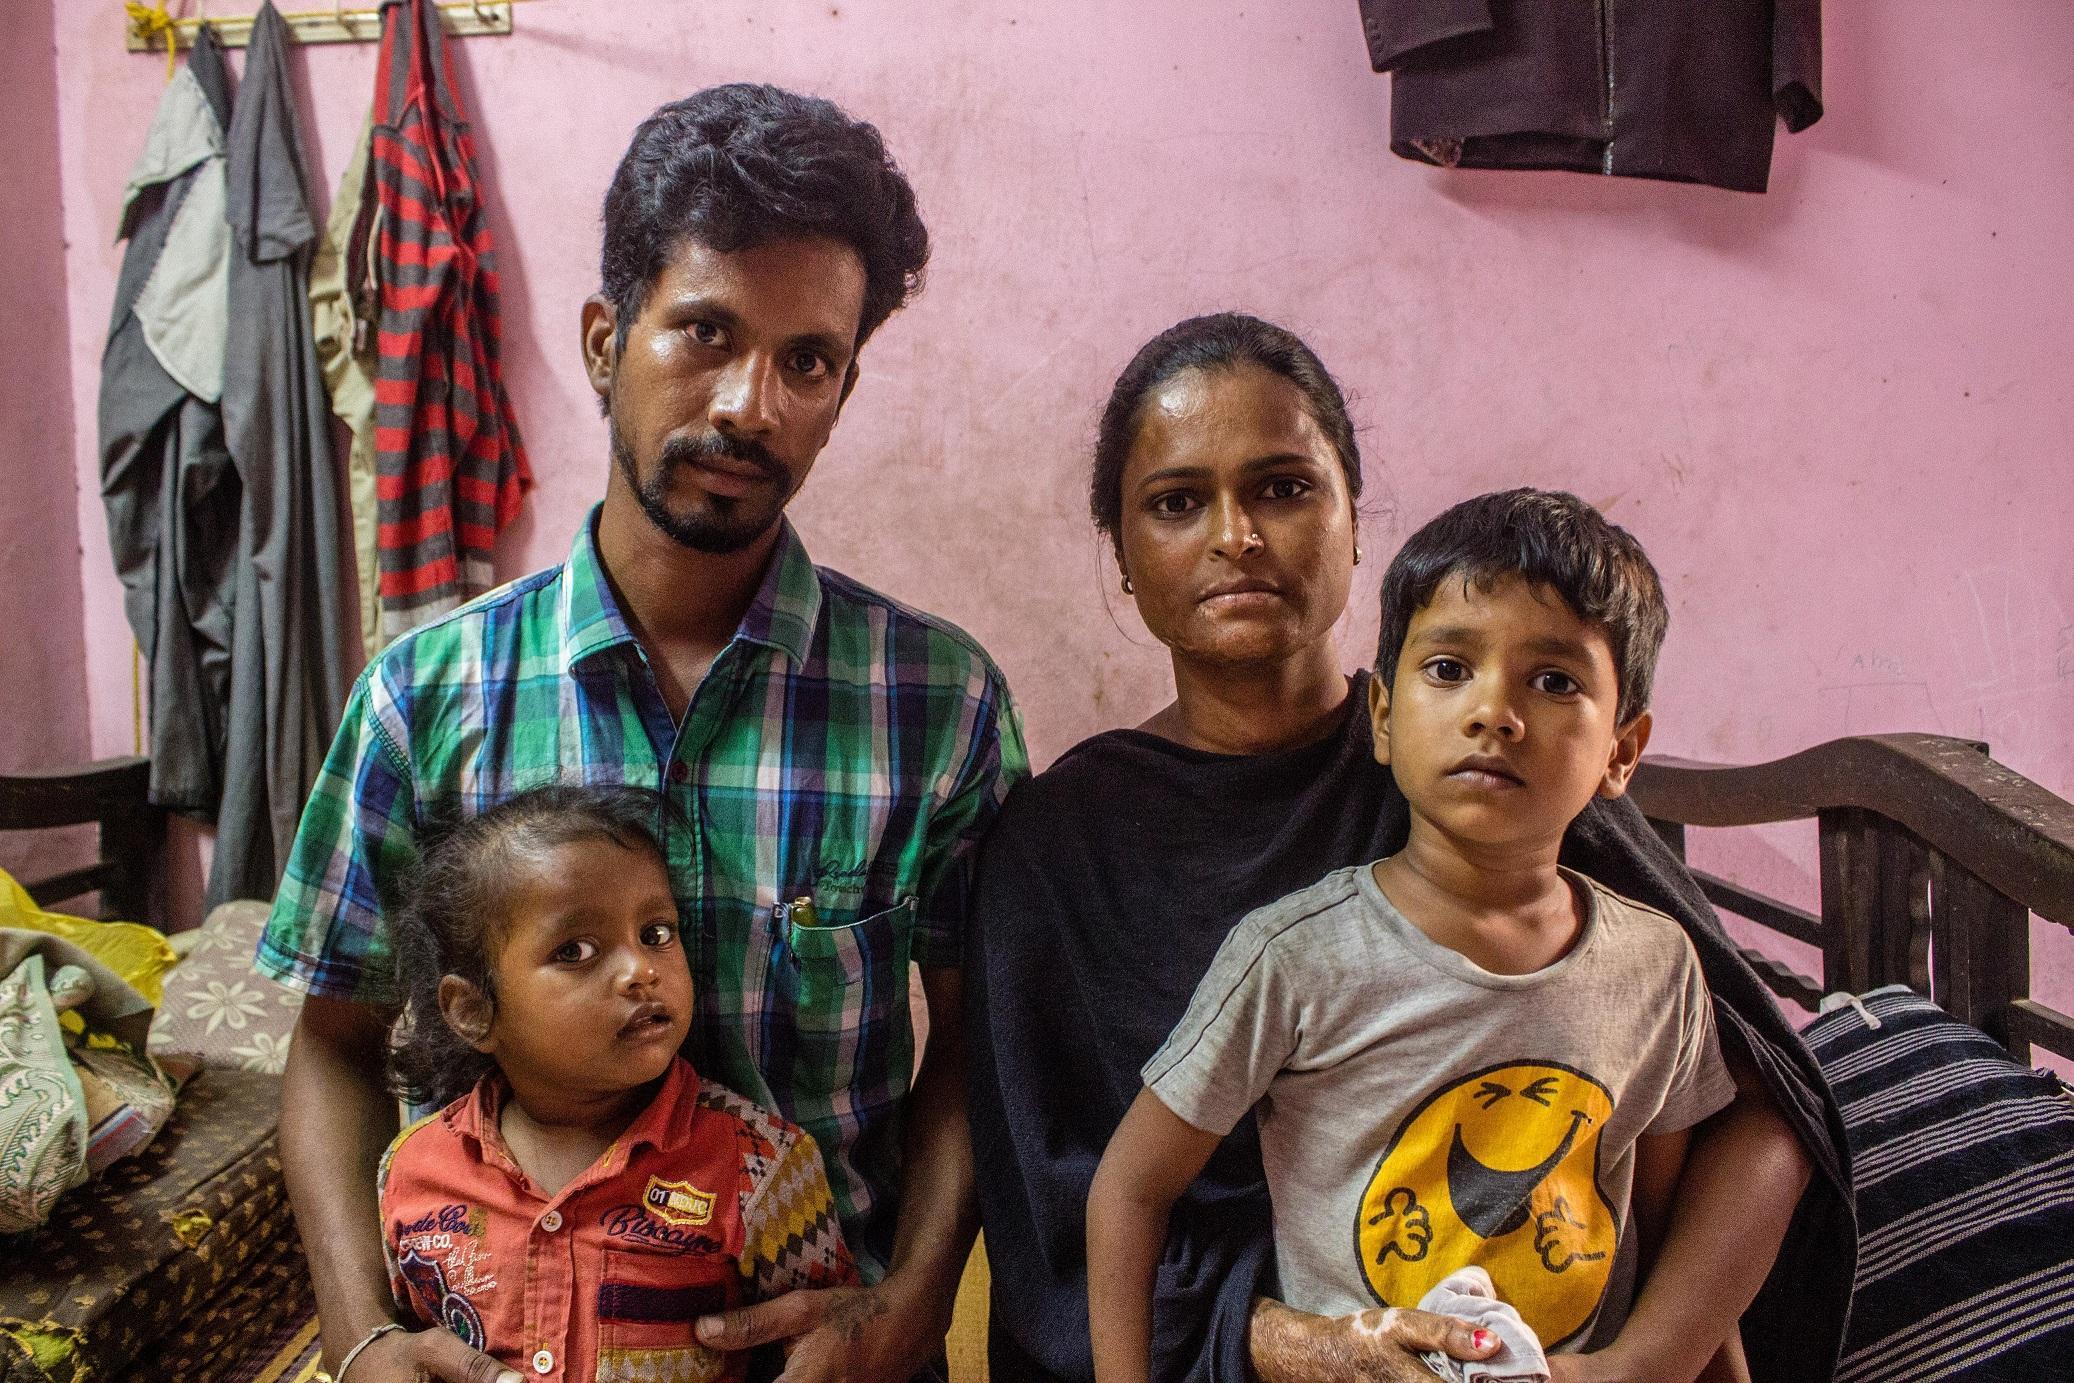 ஜல்லிக்கட்டு - பிரேம் குமார் குடும்பம்